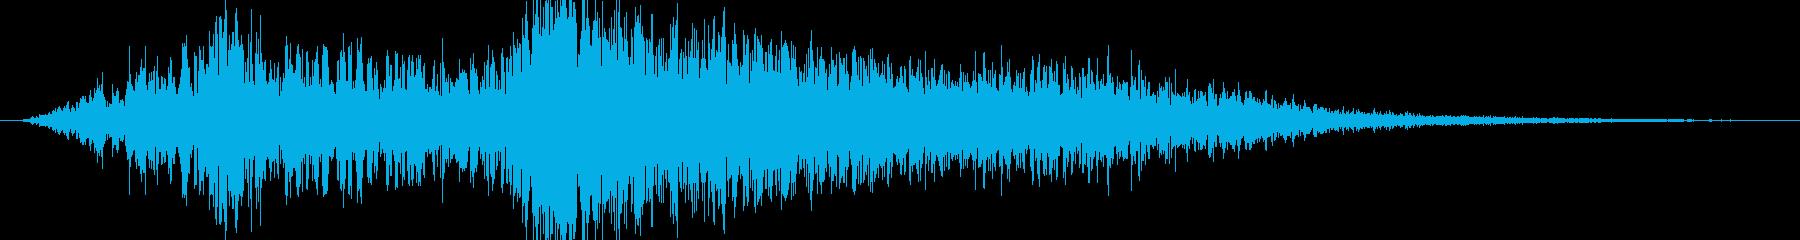 海岸 コーストワンショットサーフス...の再生済みの波形